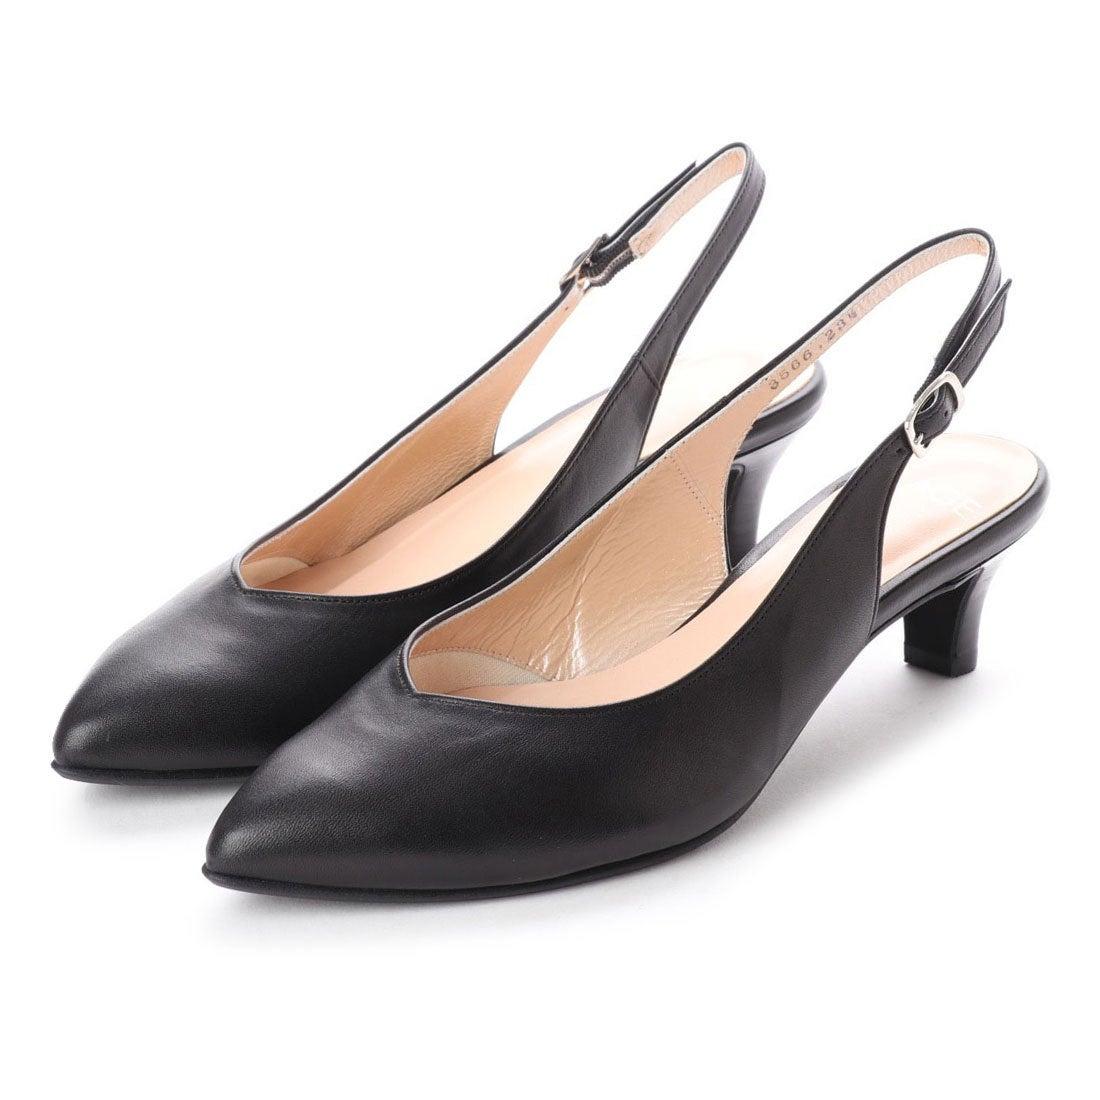 ロコンド 靴とファッションの通販サイトフラッグFLAGサラサラバックストラップパンプス(BL)